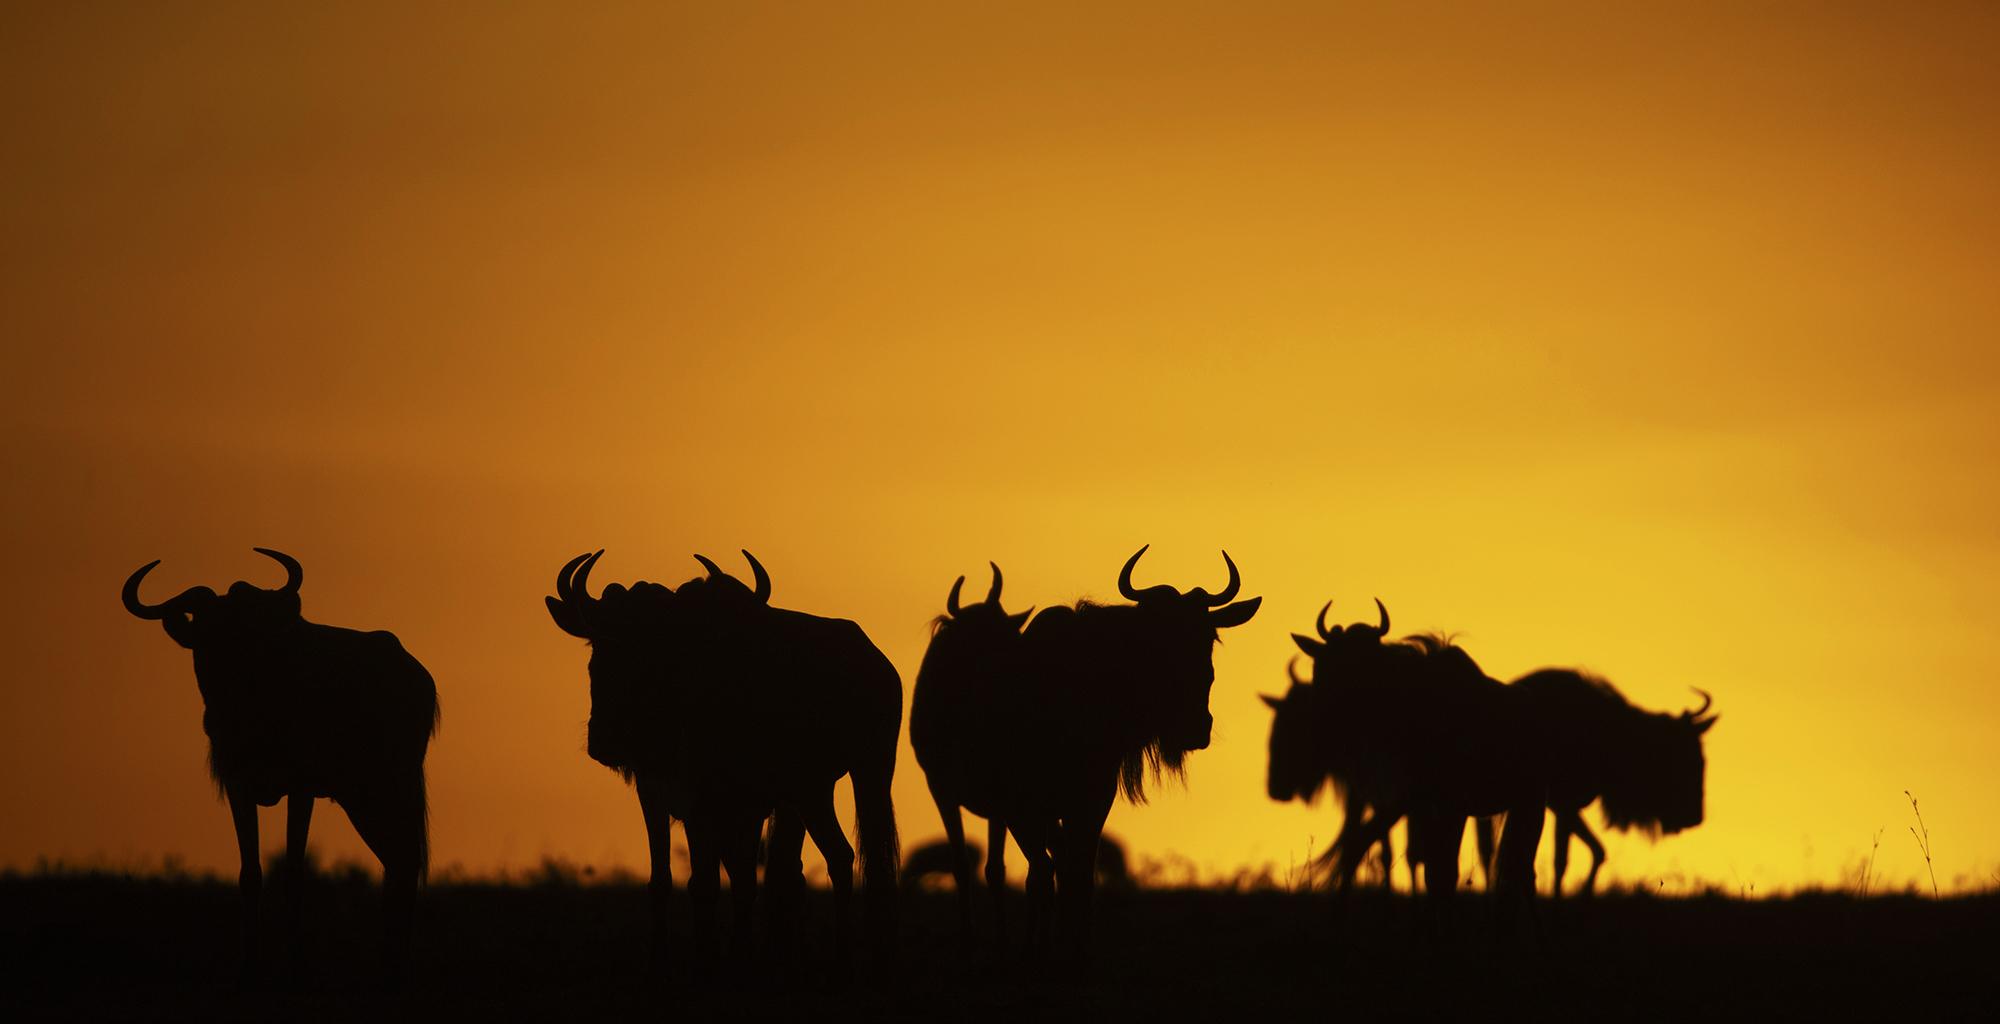 Kenya-Wildlife-Silhouette